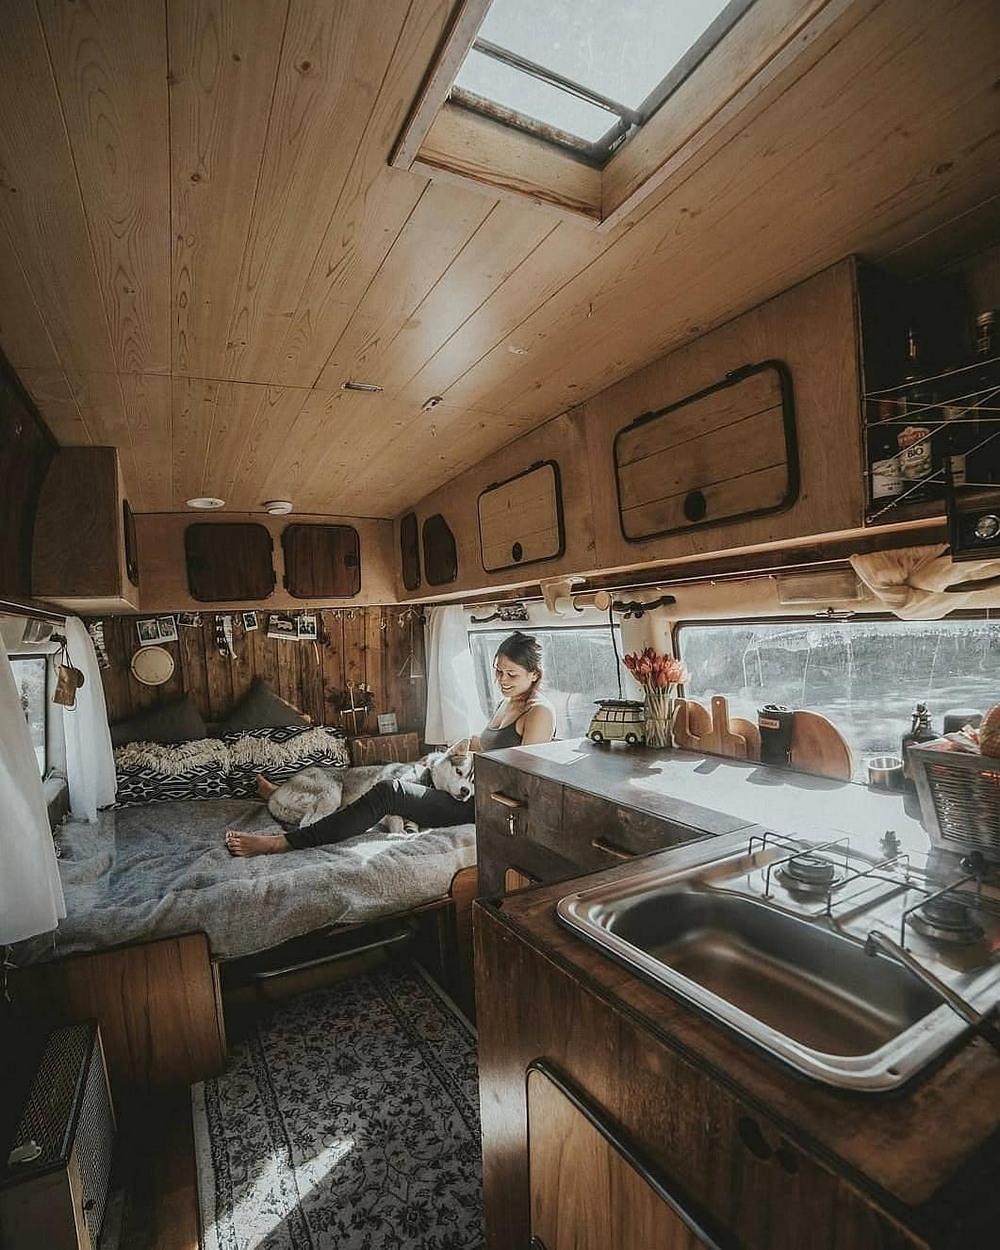 Увлекательные снимки из проекта «Project Van Life»